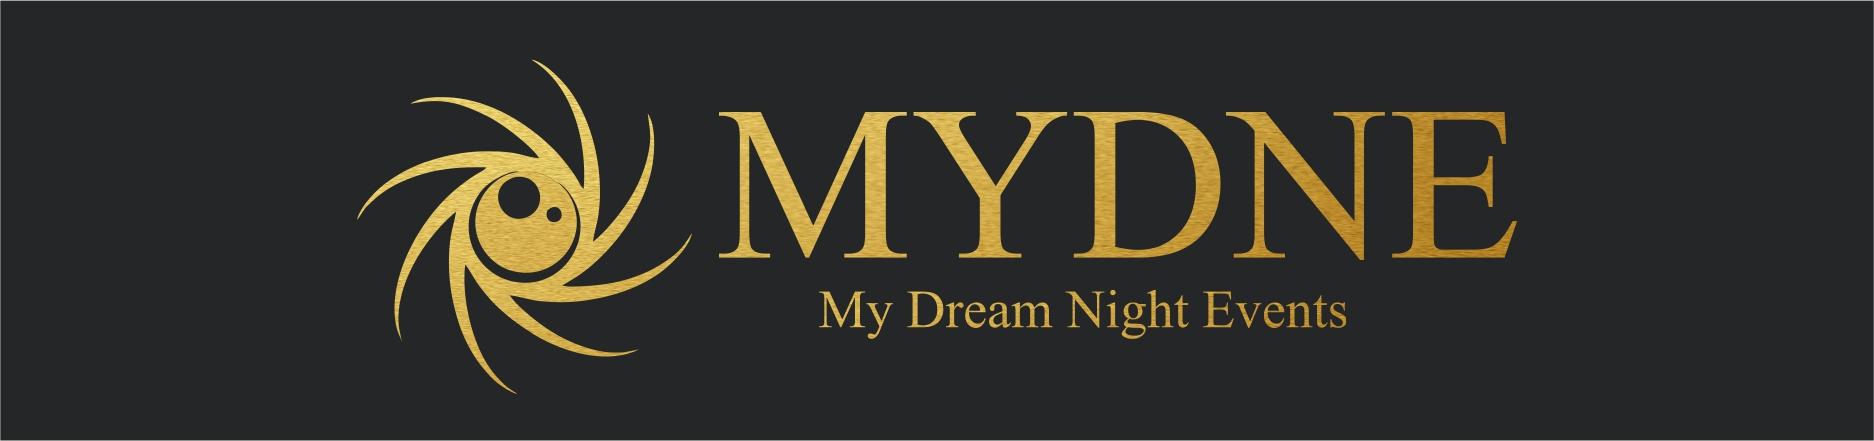 Mydne